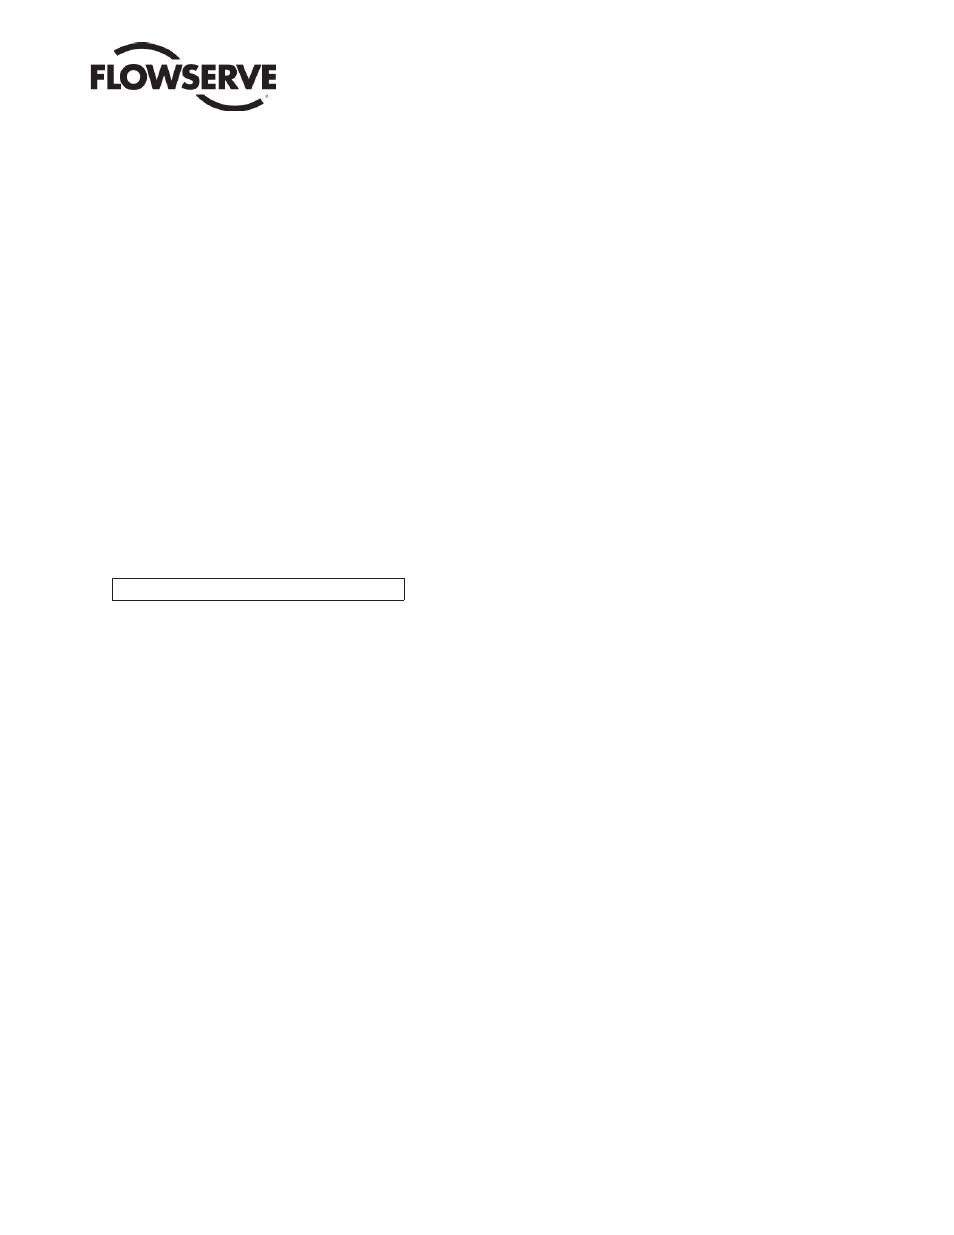 background image. User Instructions - Digital Positioner 3200MD ...